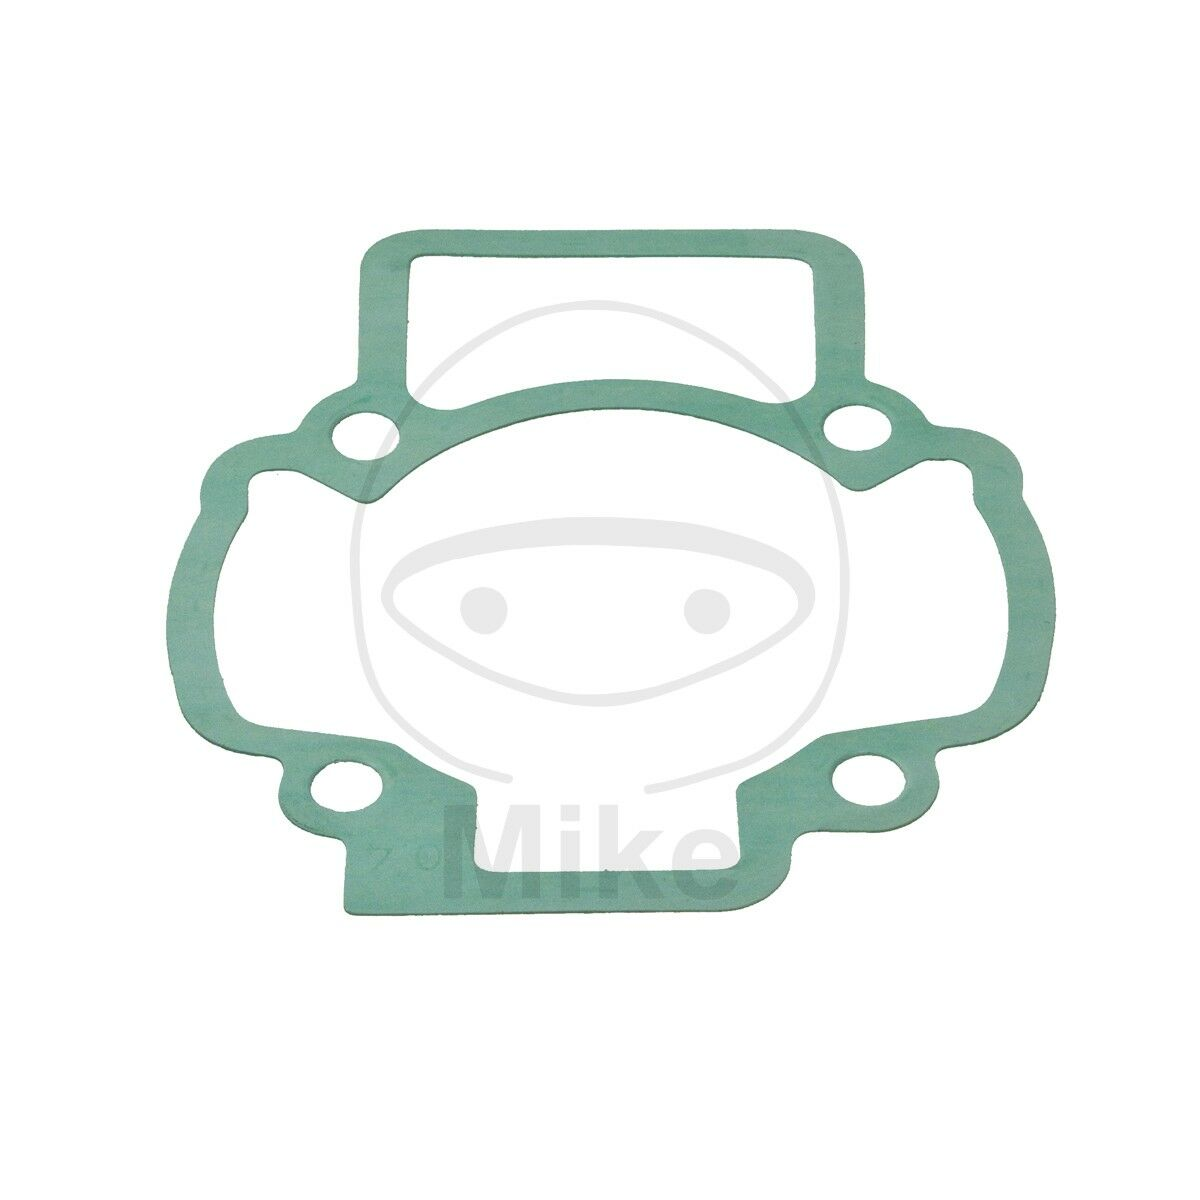 Obrázek produktu Těsnění pod válec ATHENA 0.4 mm